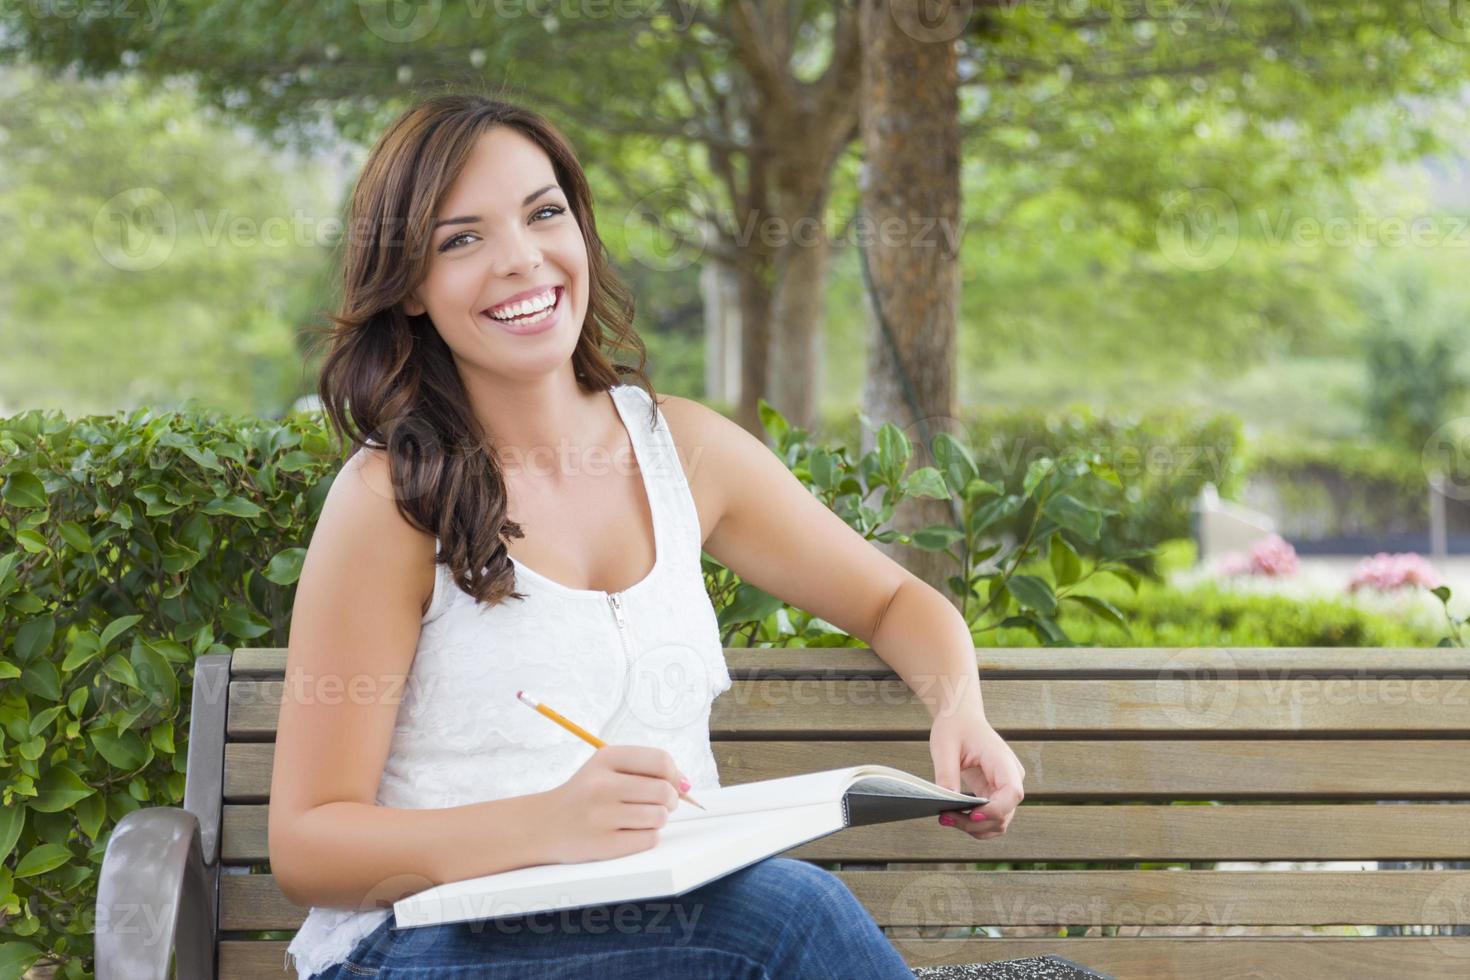 ung vuxen kvinnlig student på bänken utomhus foto